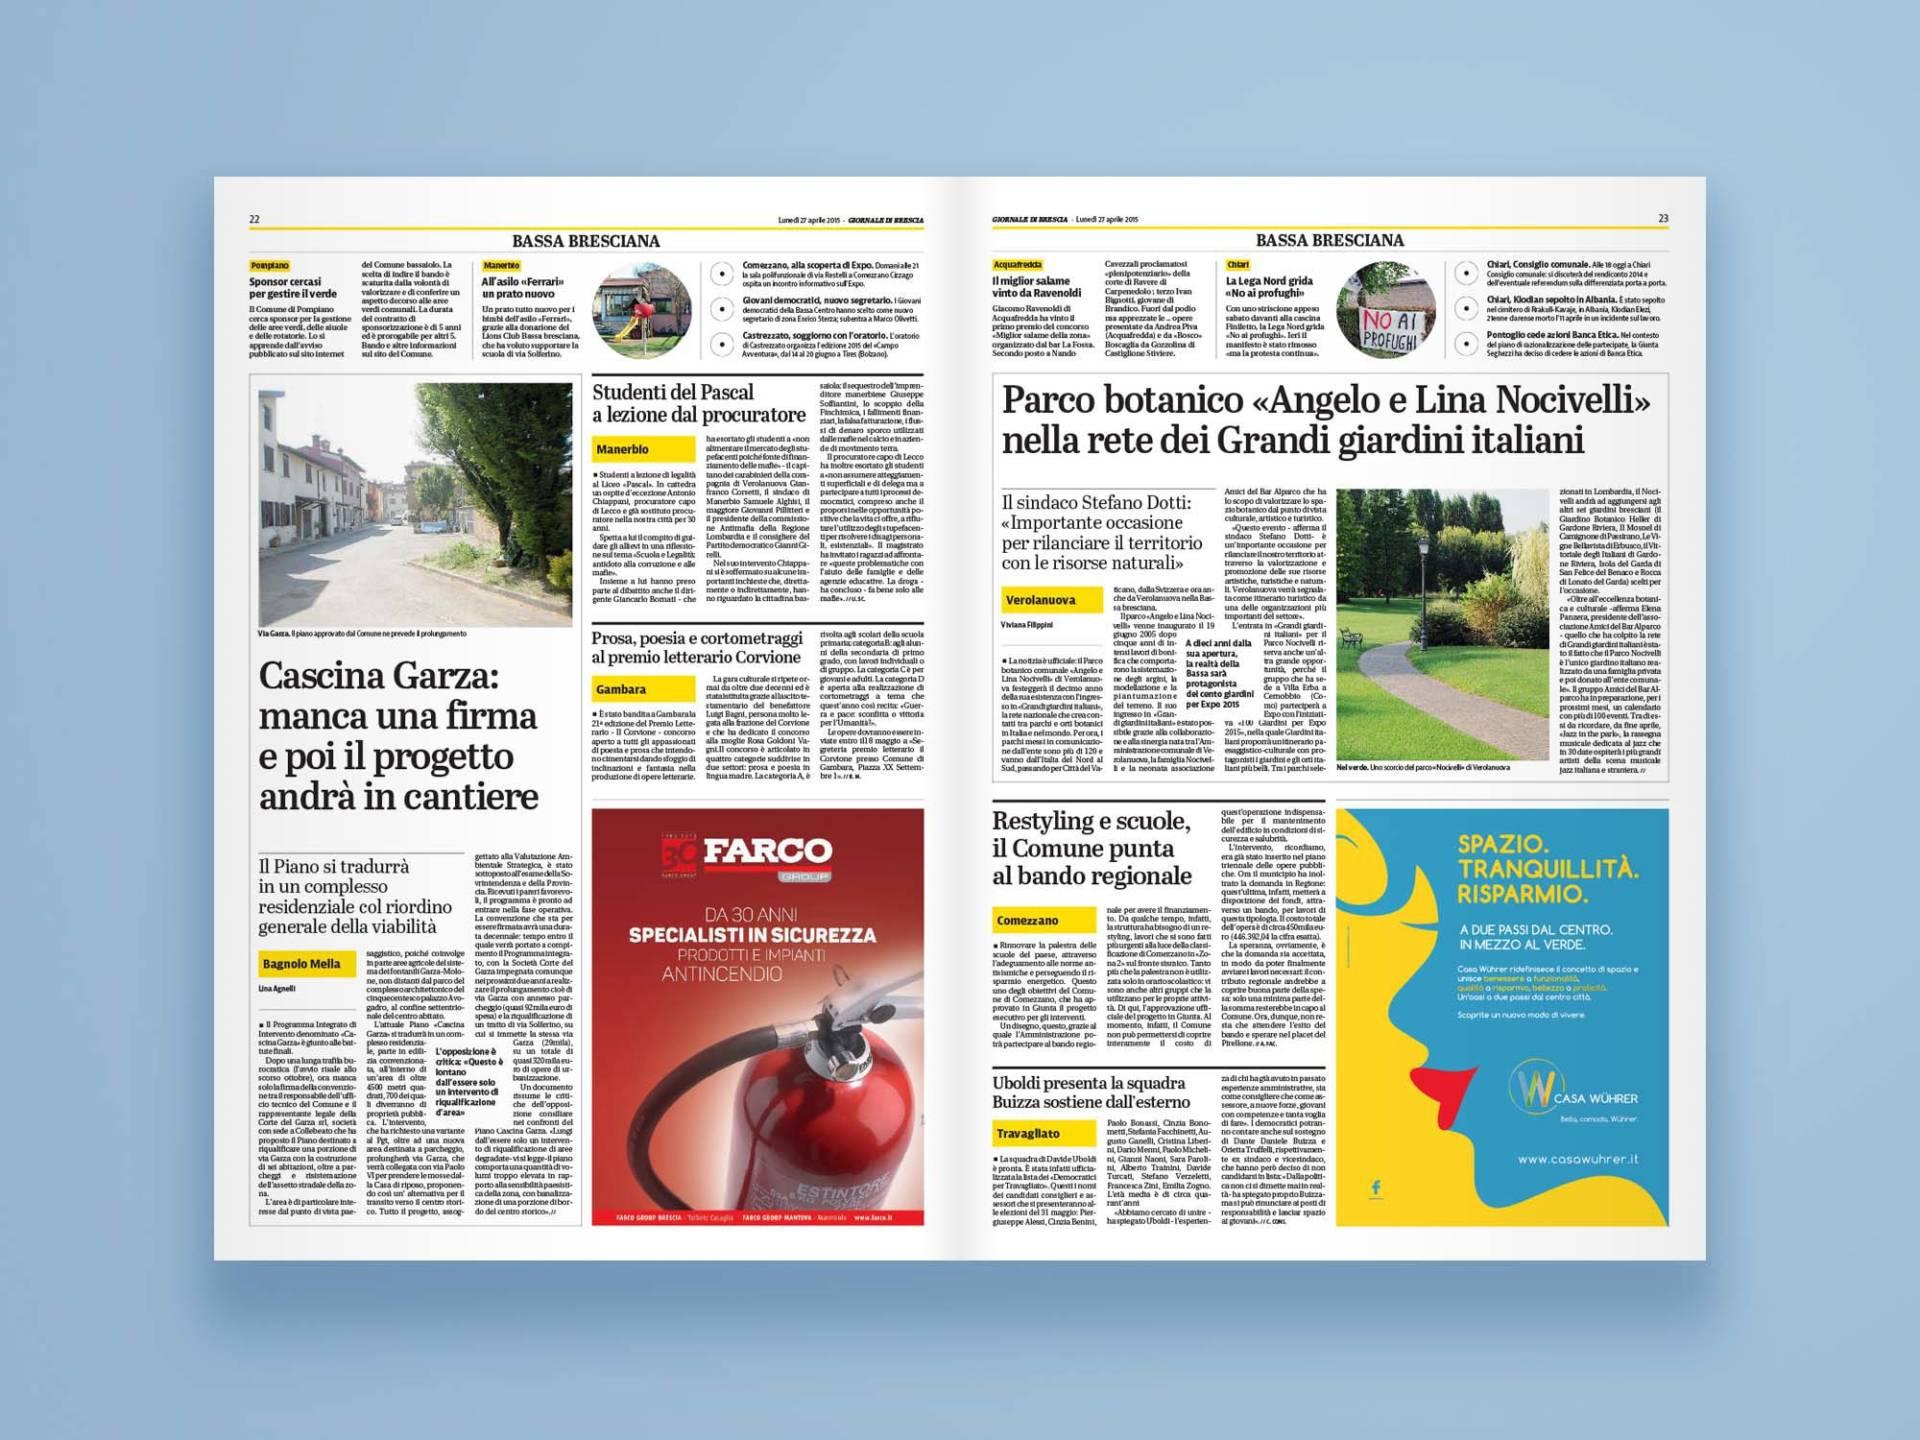 Giornale_di_Brescia_06_Wenceslau_News_Design